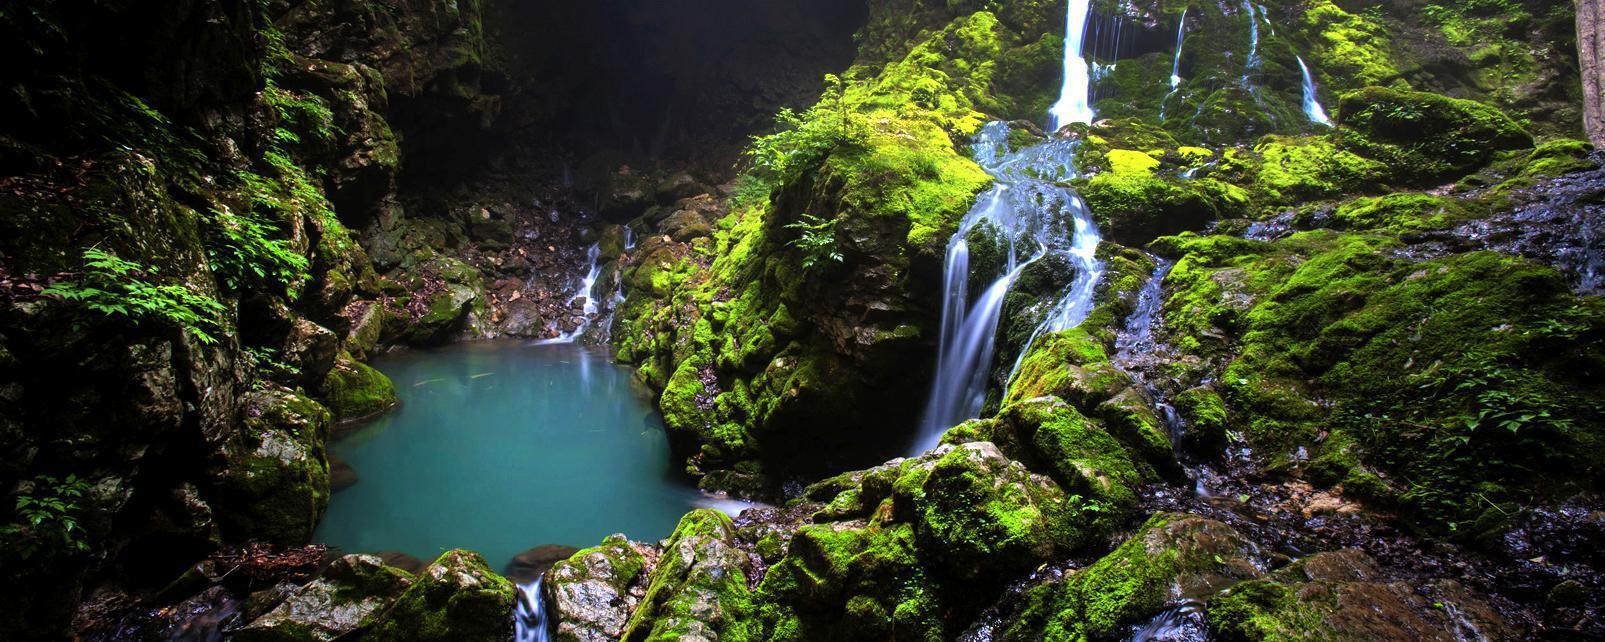 Asie, Corée du Sud, cascade, chute, rivière, forêt,